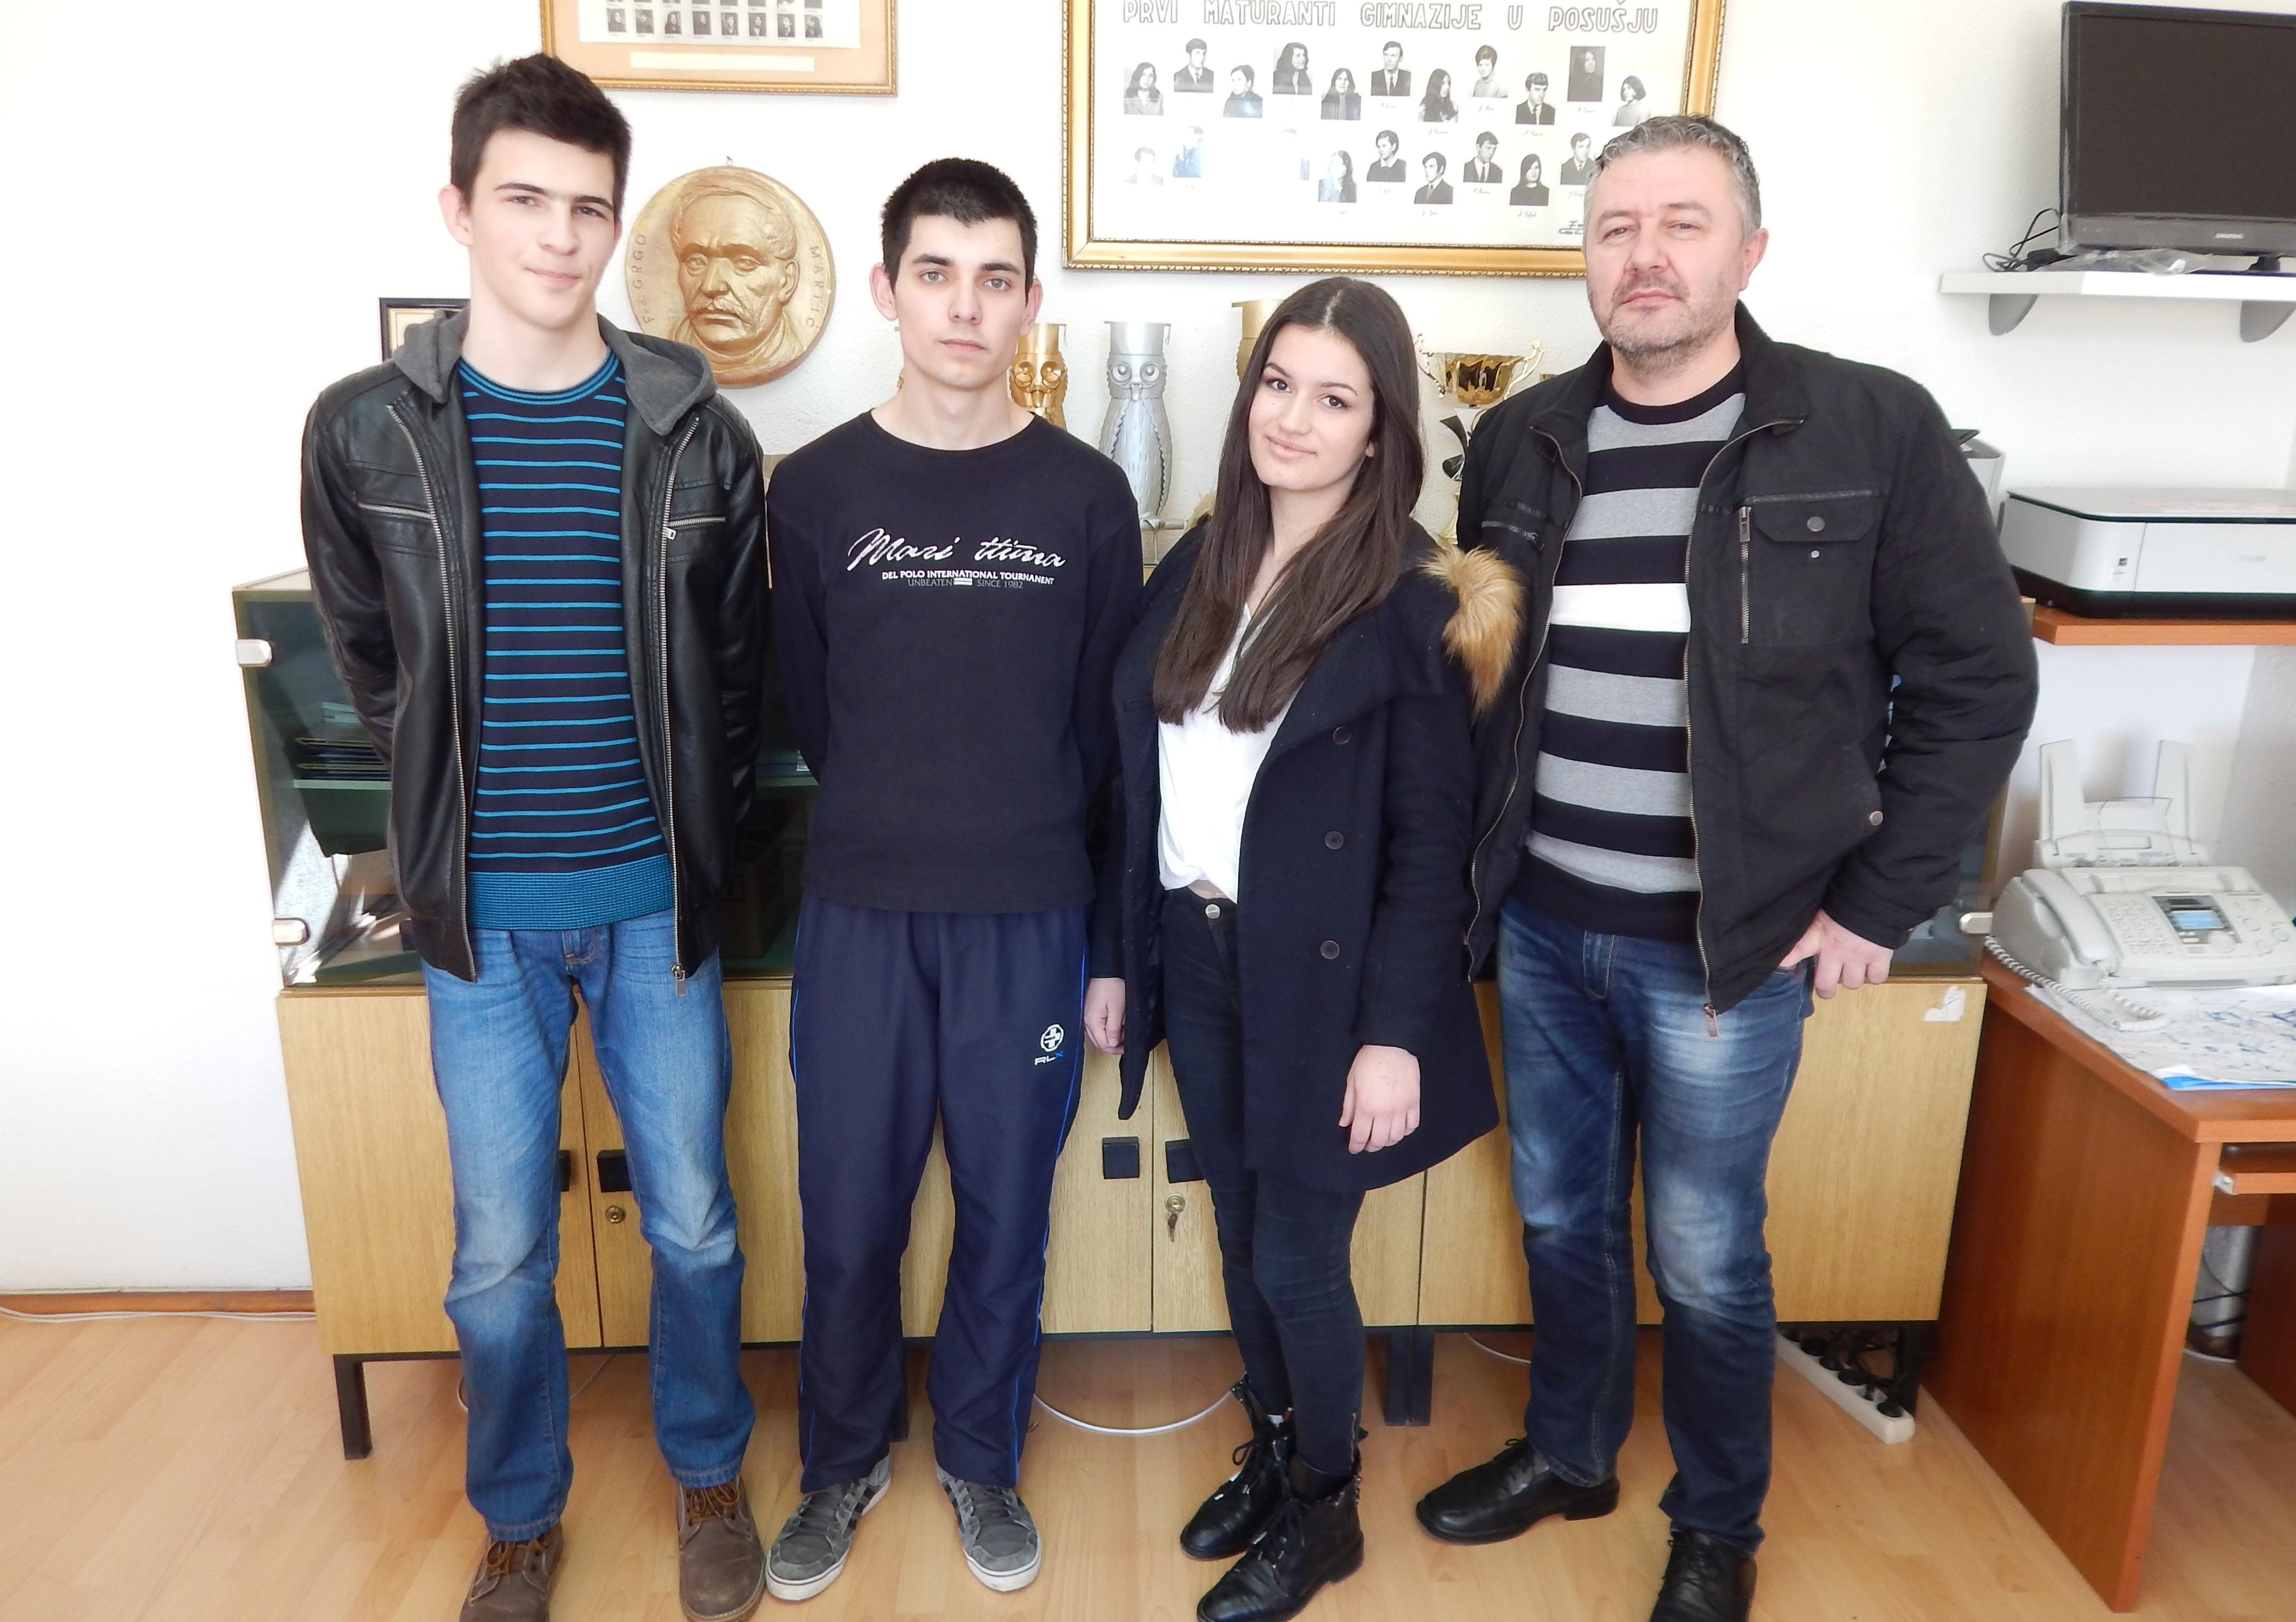 Ante Čutura i Silvana Bakula pobjednici školskog natjecanja Kviz znanja iz opće kulture